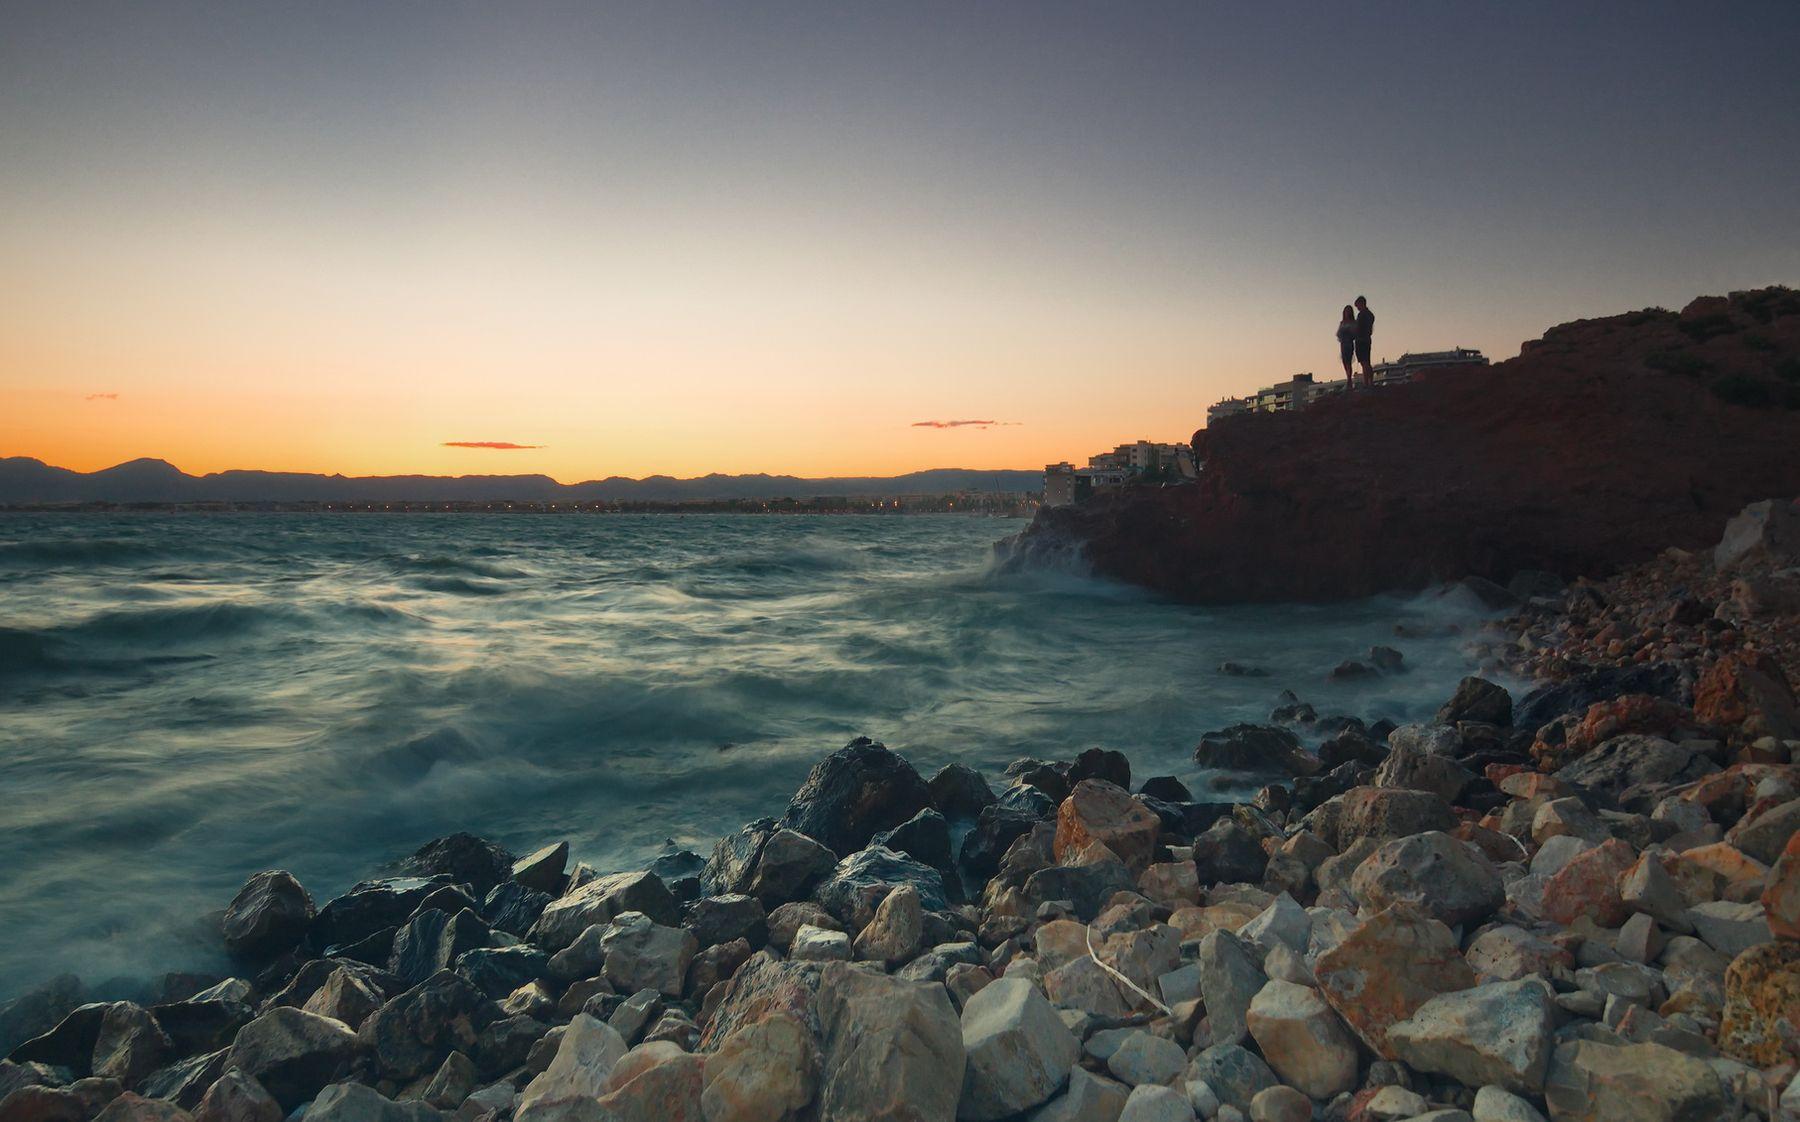 Вечерняя прогулка juriy68 вода волны испания кольцов юрий юрьевич коста дорада люди море путешествие силуэт скалы средиземье